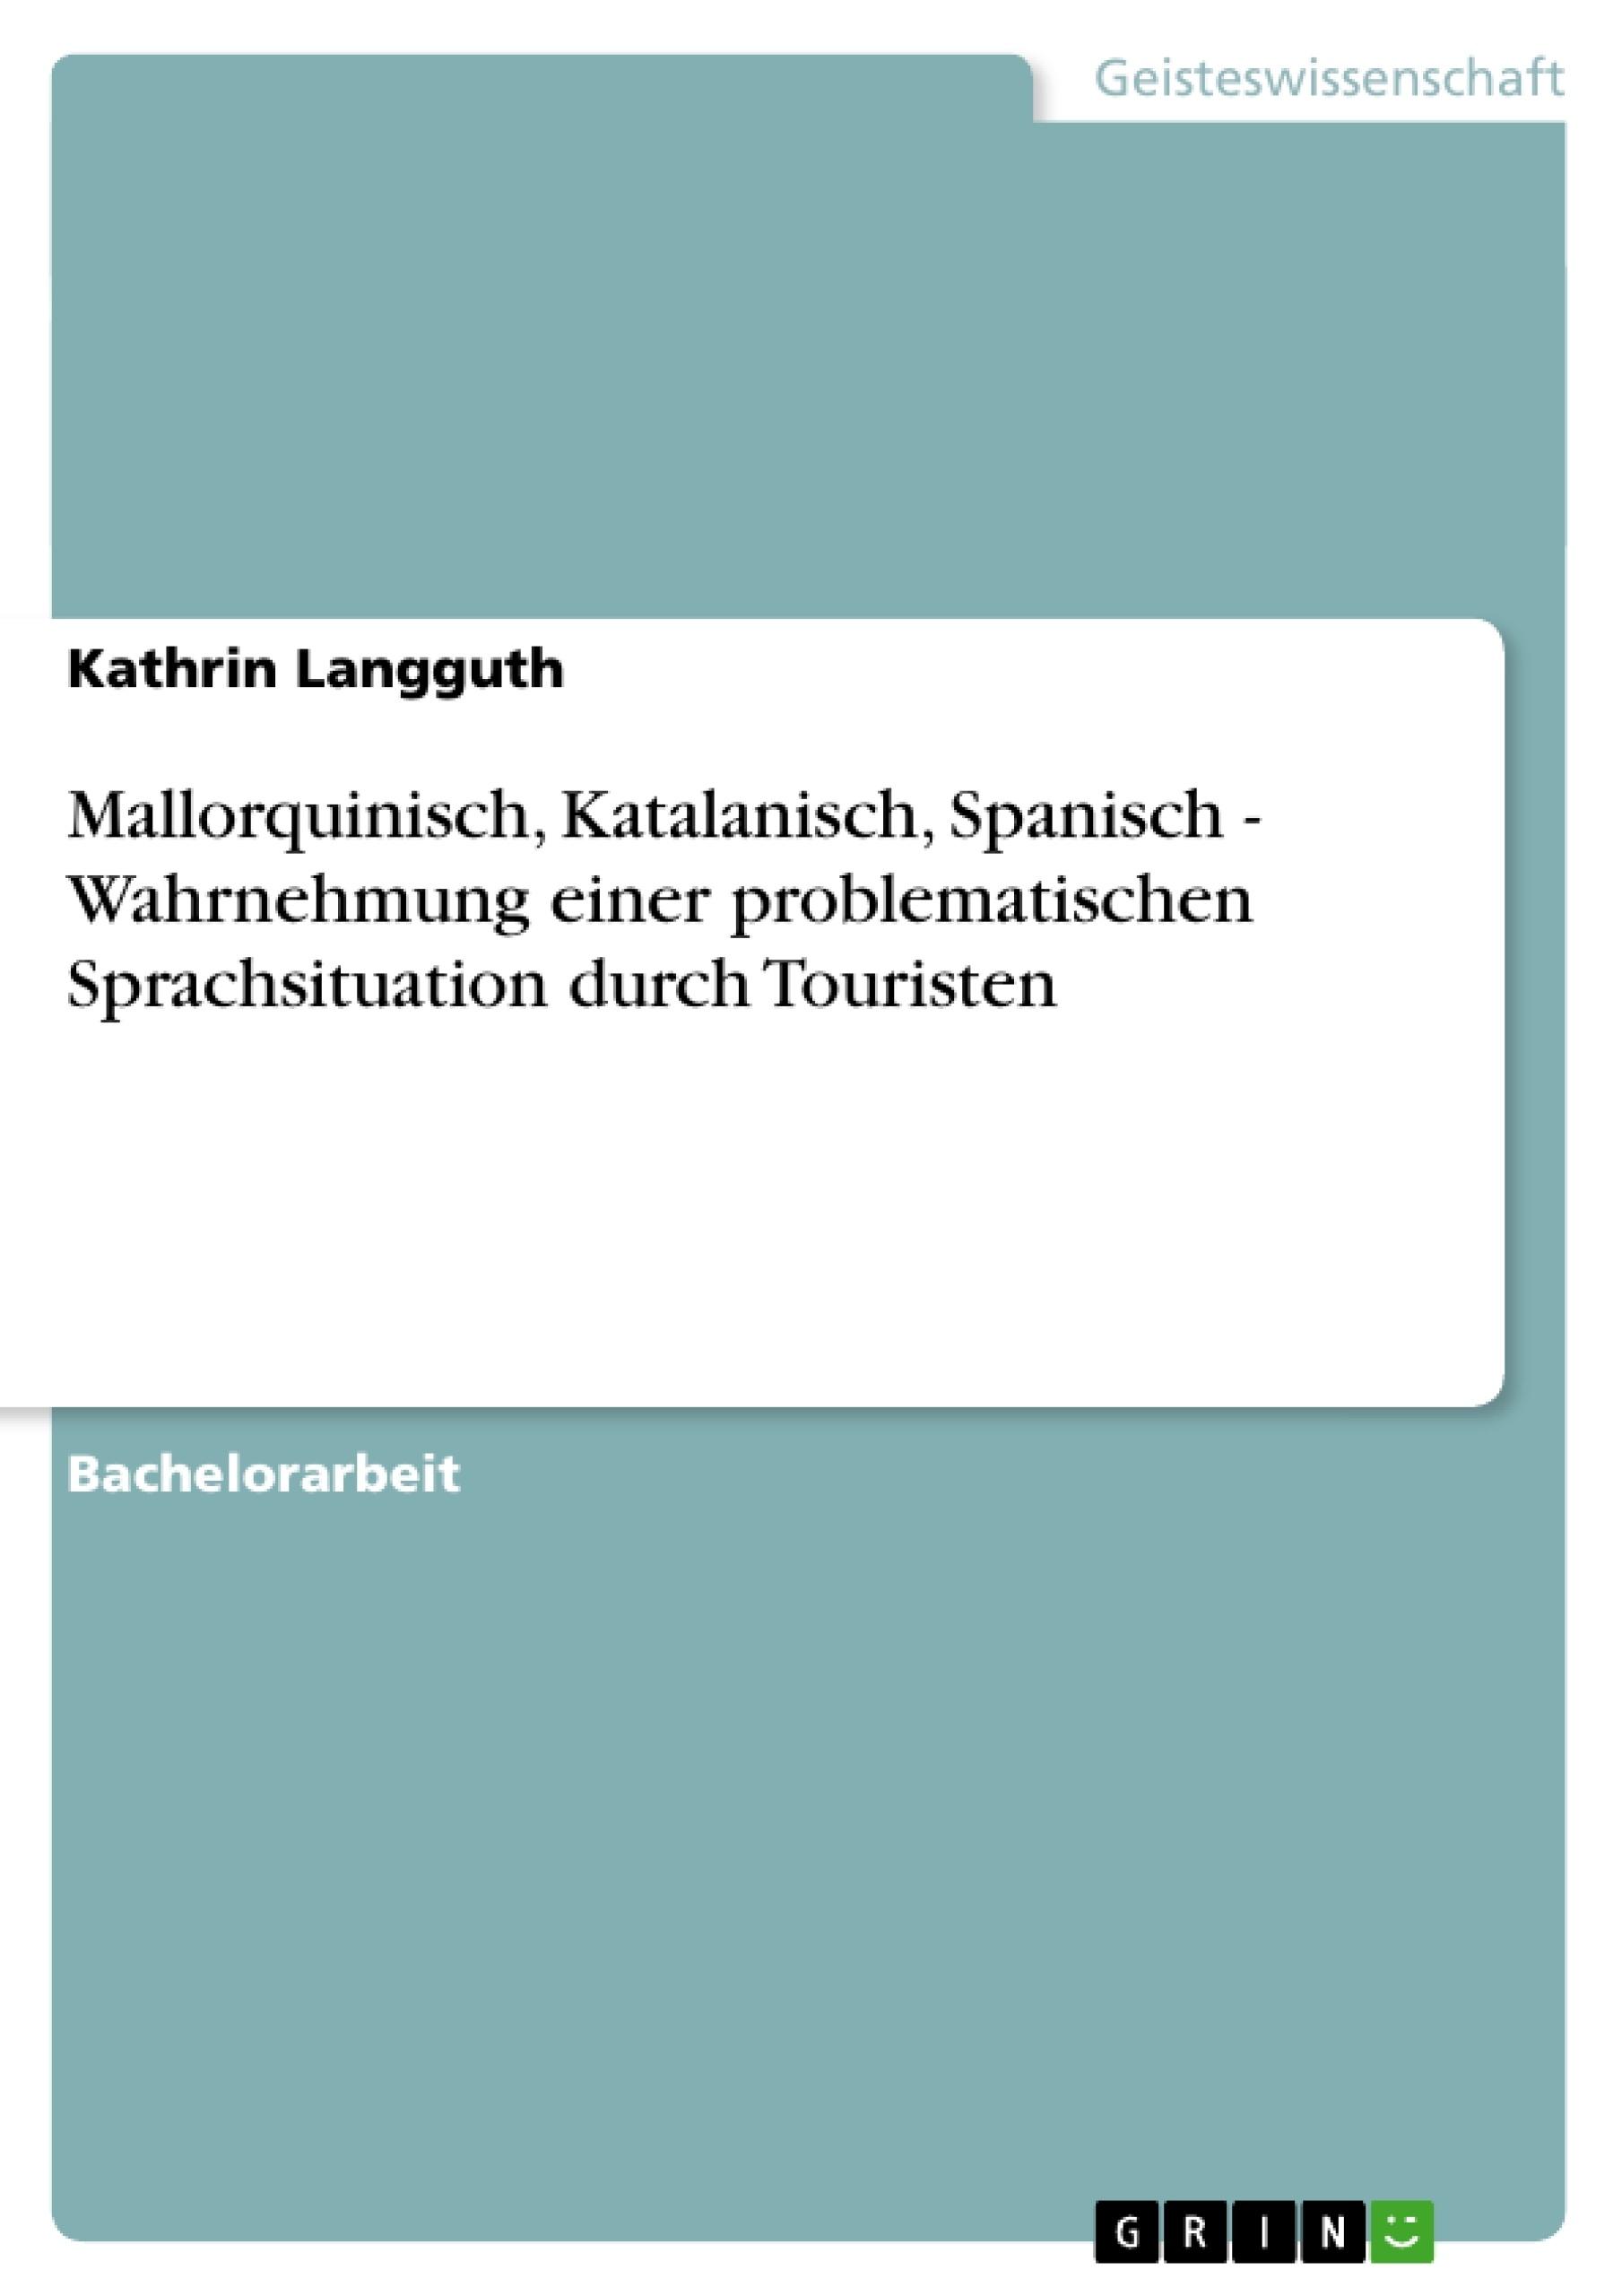 Titel: Mallorquinisch, Katalanisch, Spanisch -  Wahrnehmung einer problematischen Sprachsituation durch Touristen